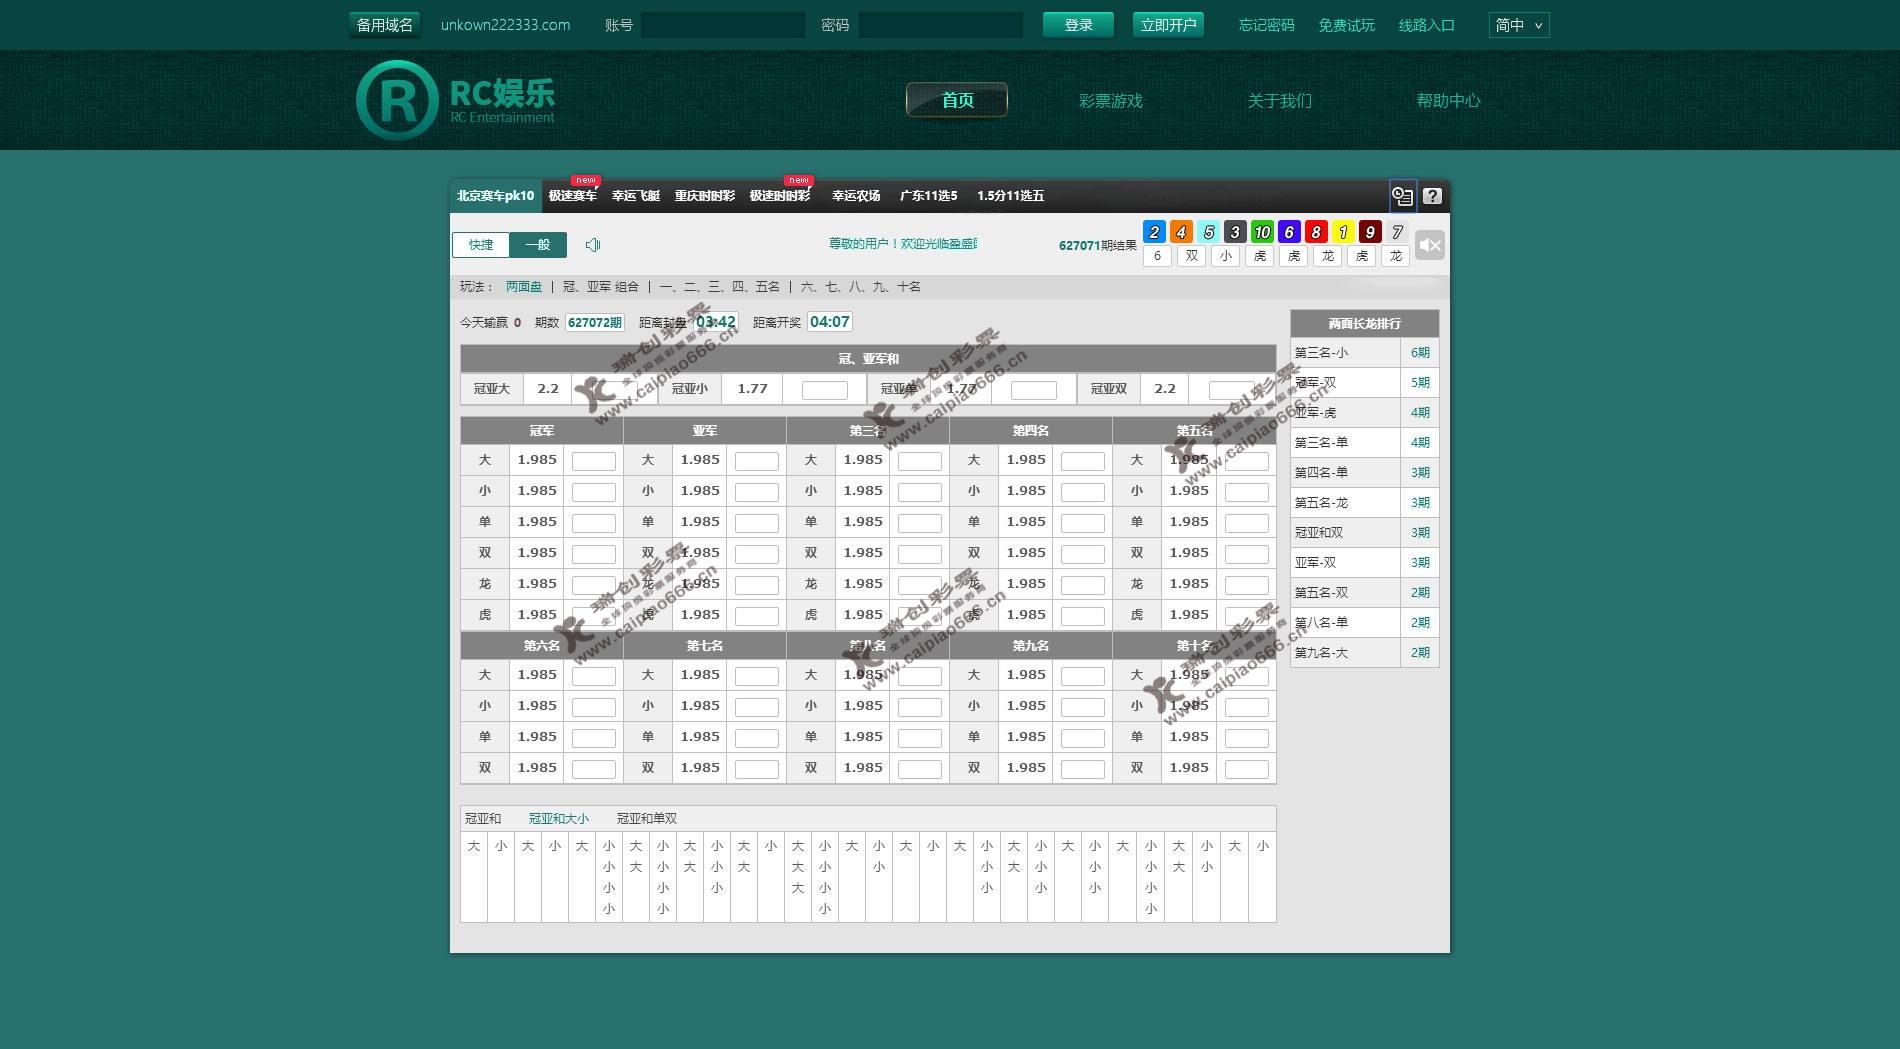 搭建彩票网站---信用盘北京赛车版本http://www.caipiao666.cn